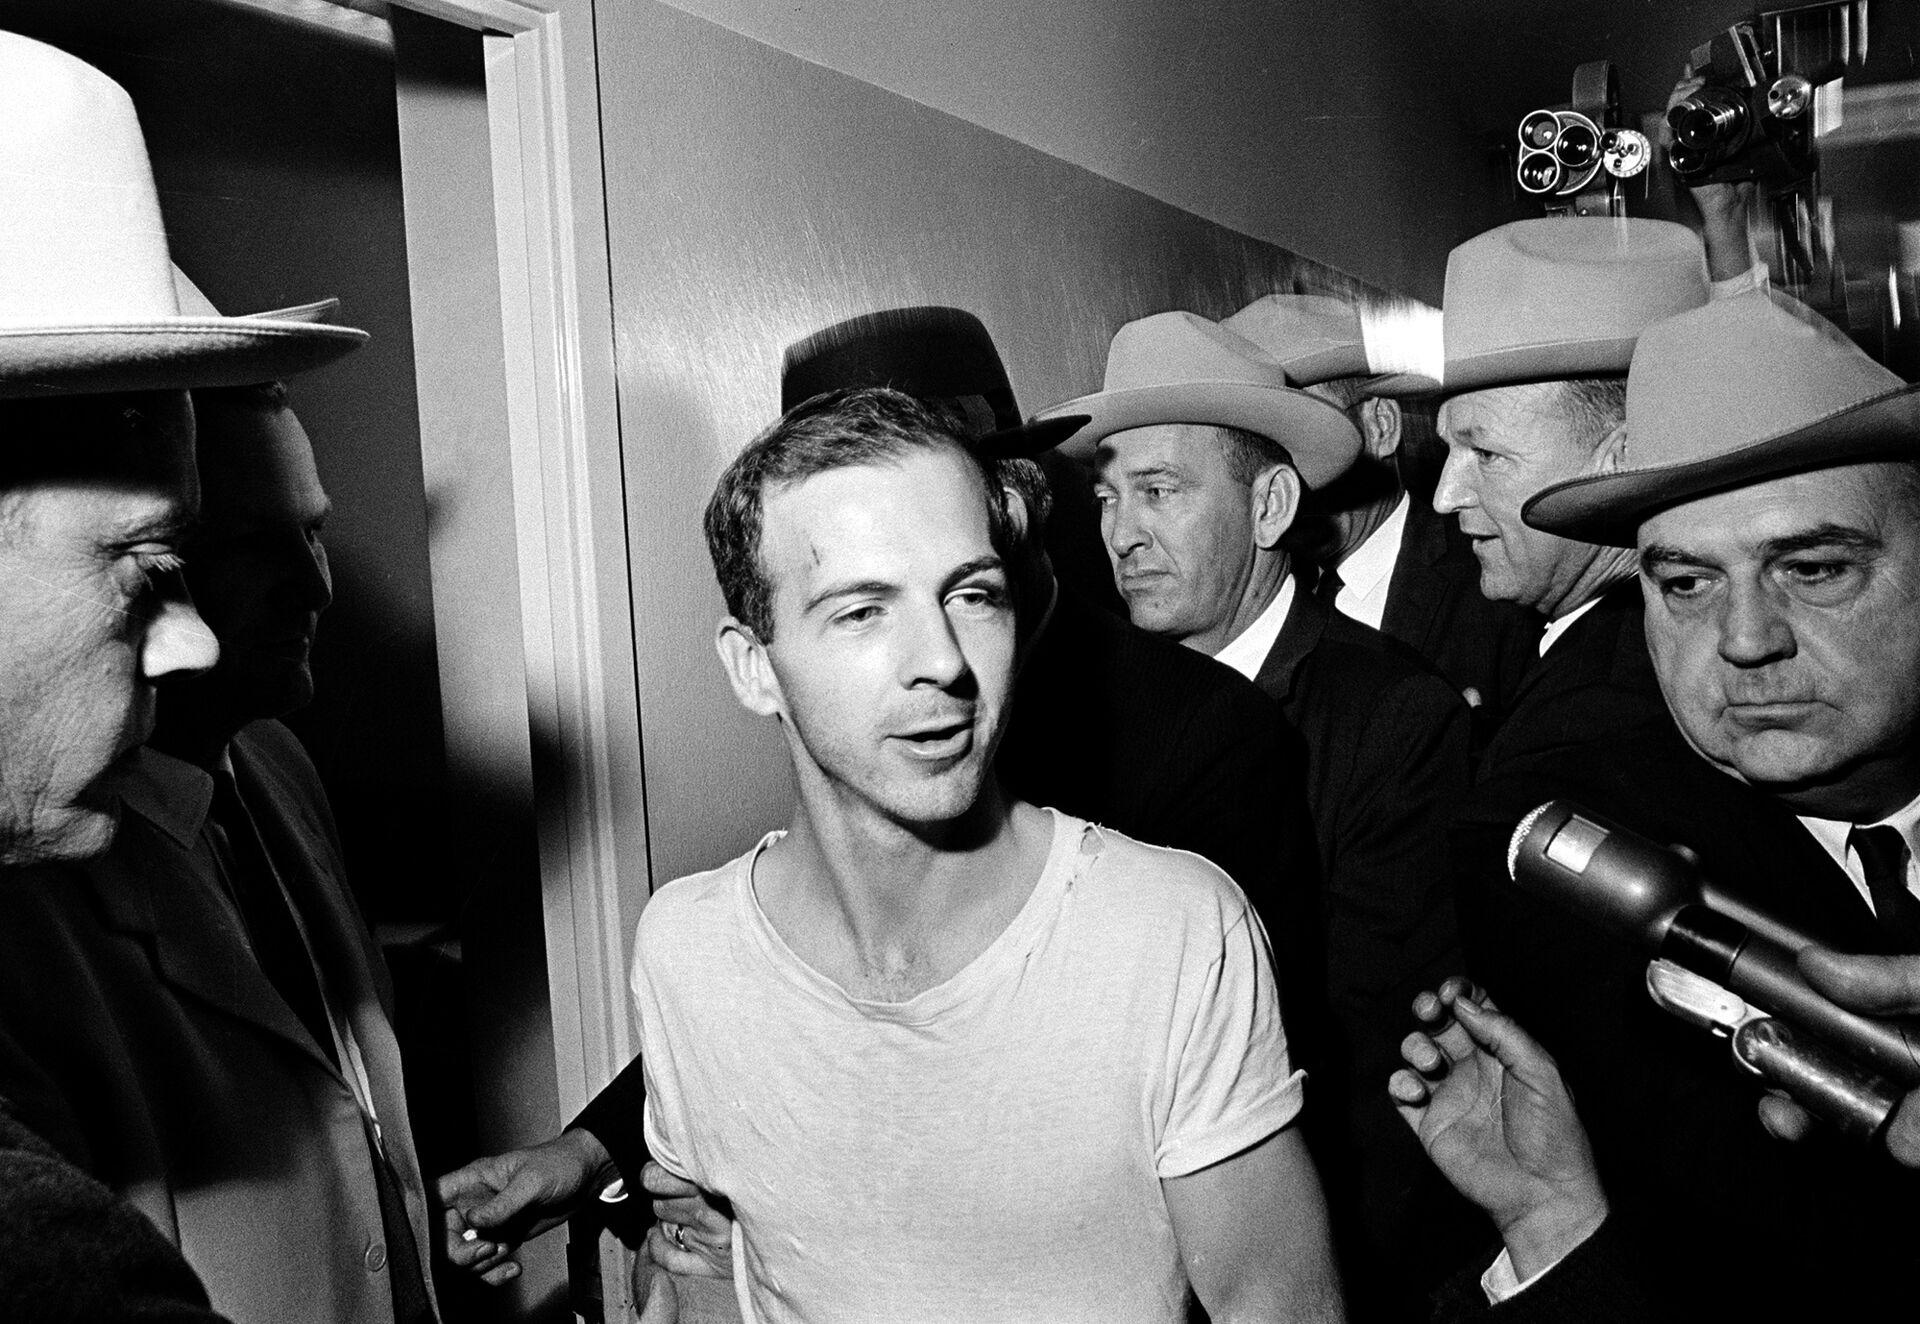 Ли Харви Освальд в полицейском участке в Далласе после допросов. 23 ноября 1963 - РИА Новости, 1920, 06.04.2021